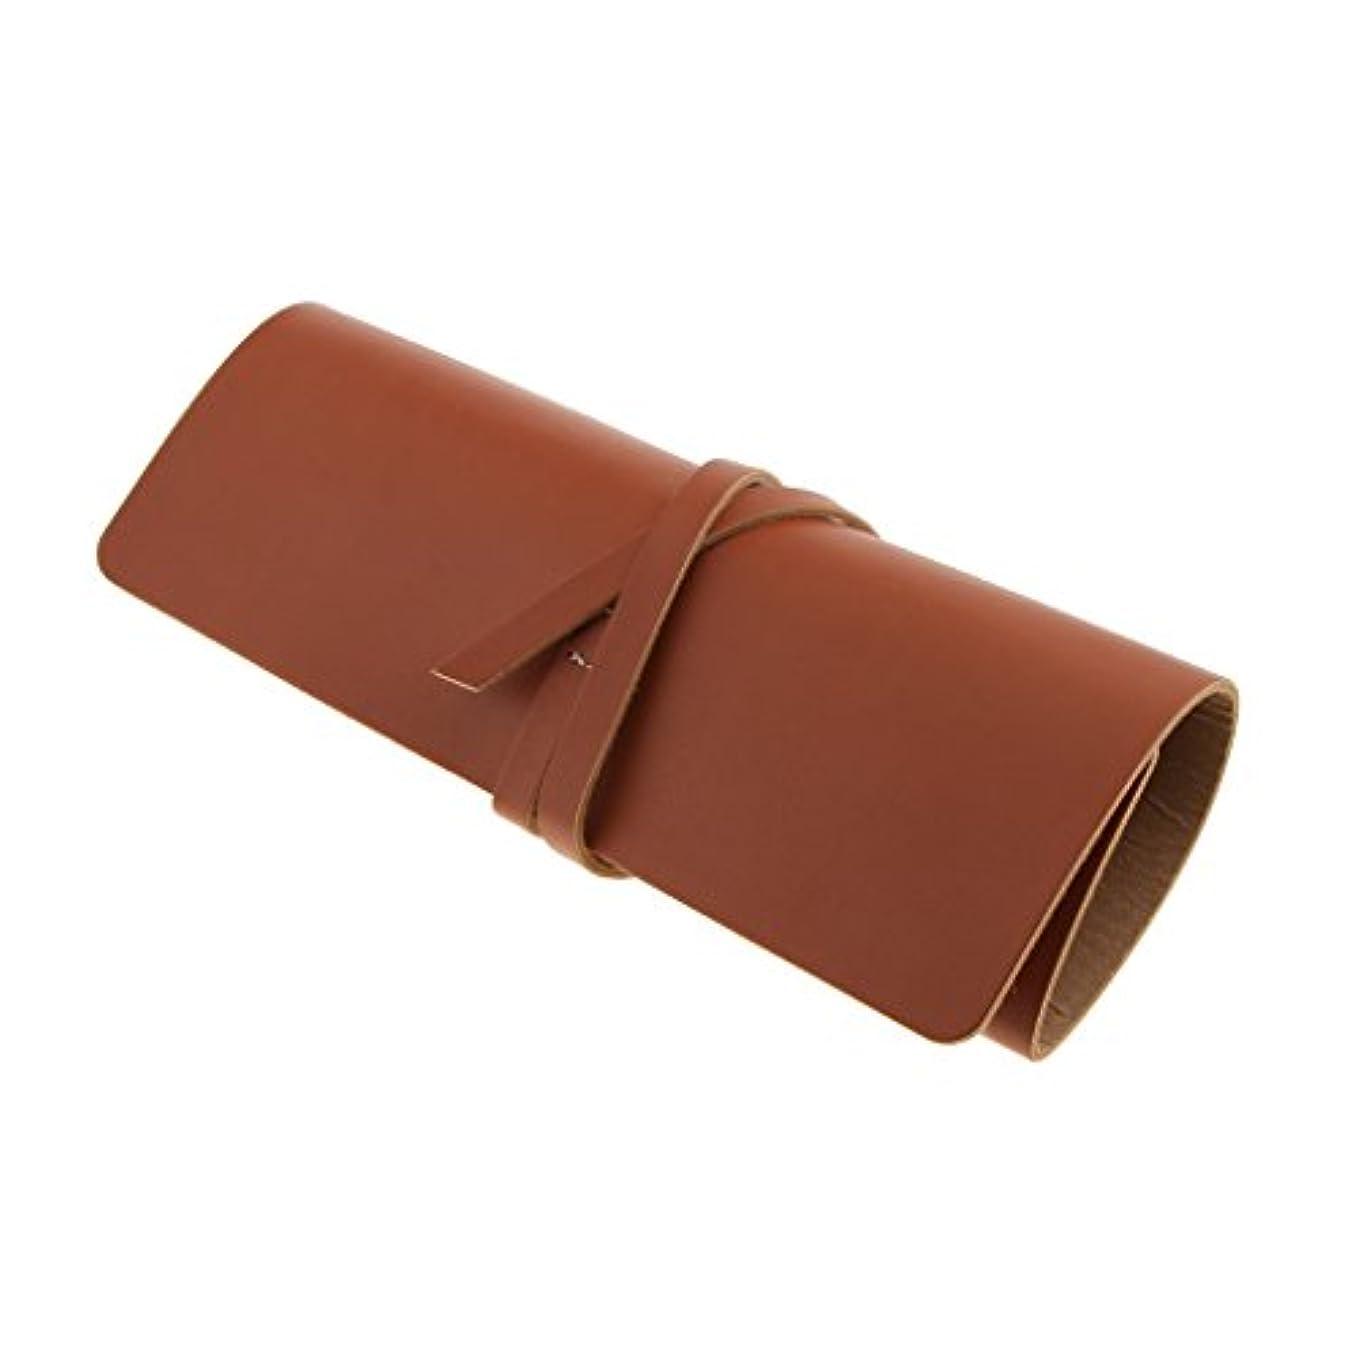 慢寂しい便利さHellery カミソリケース 収納ケース 収納ポーチ ストレート かみそりケース プロテクターポーチ 理容 全2色 - 褐色